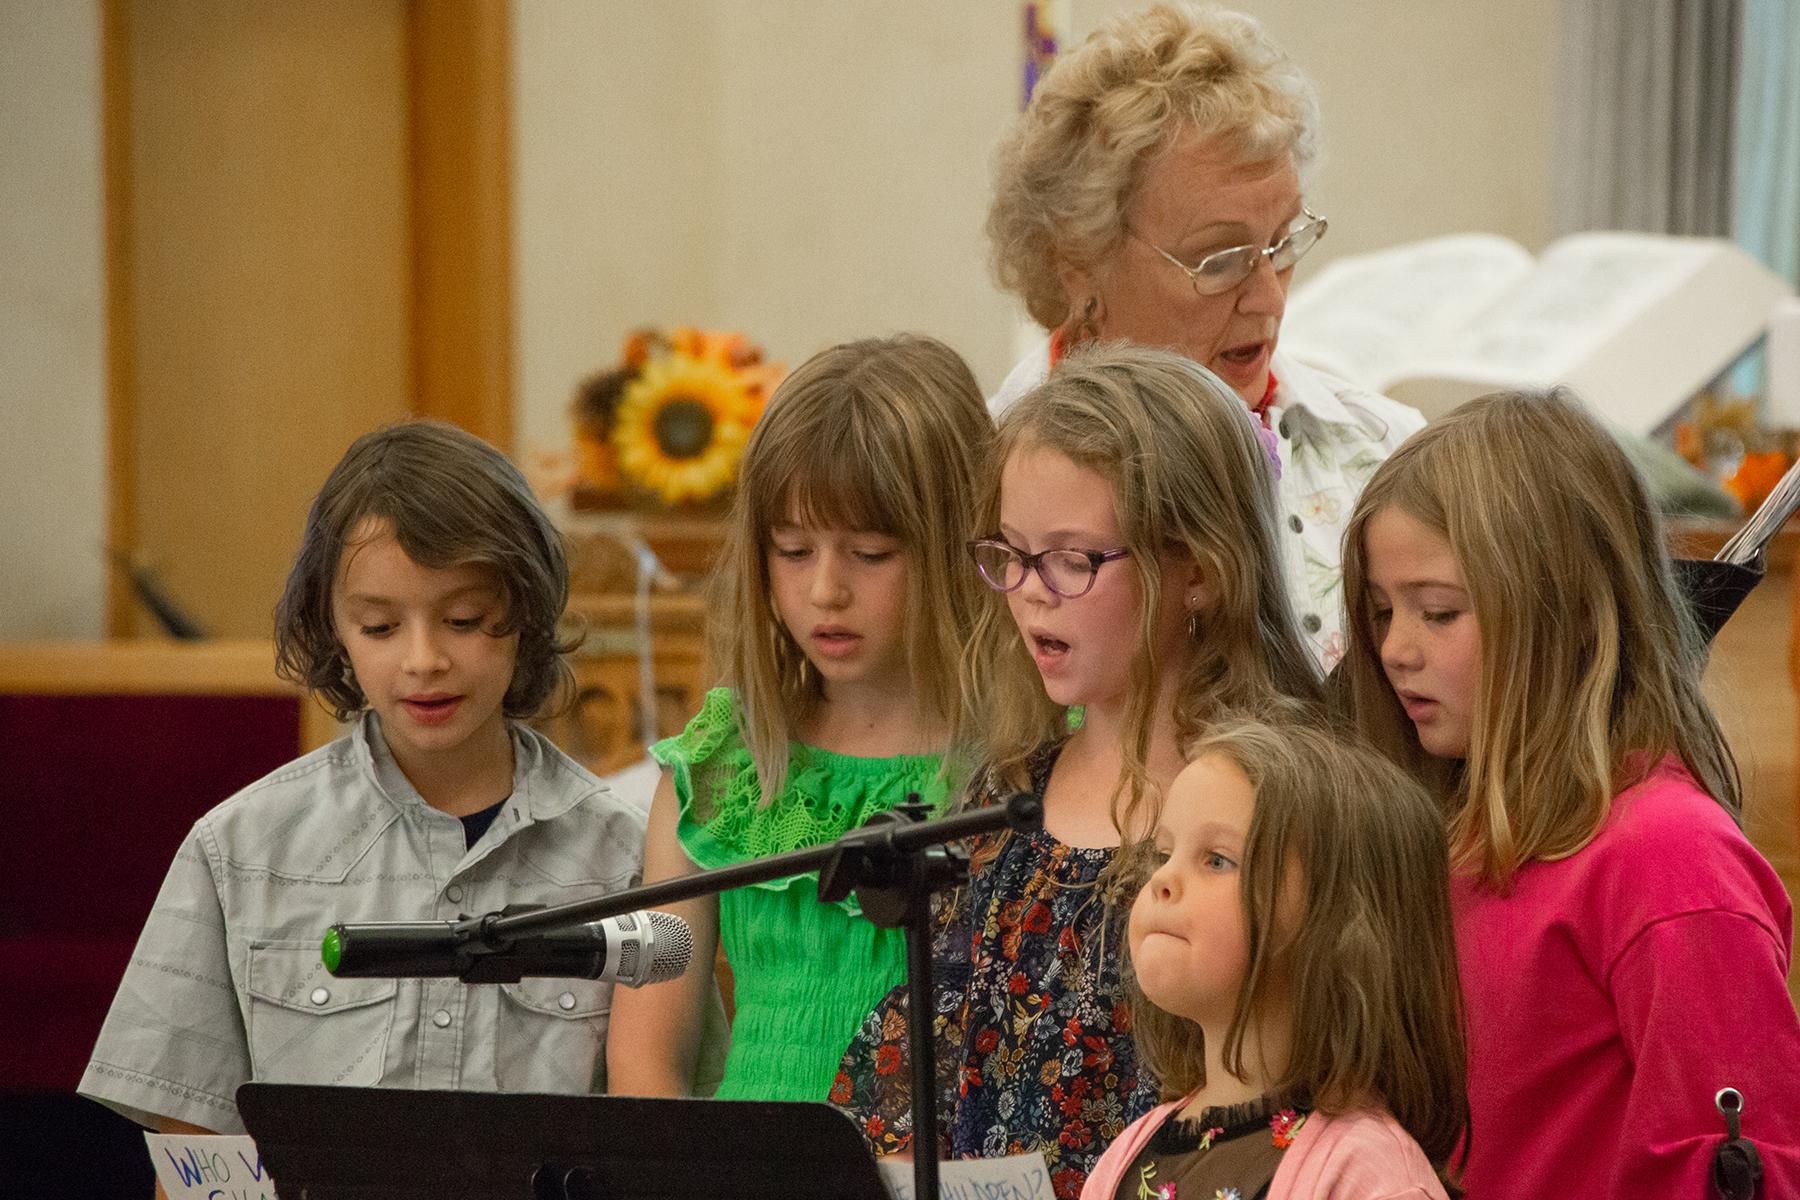 Children sing during worship at FUMC mIssoula, Montana